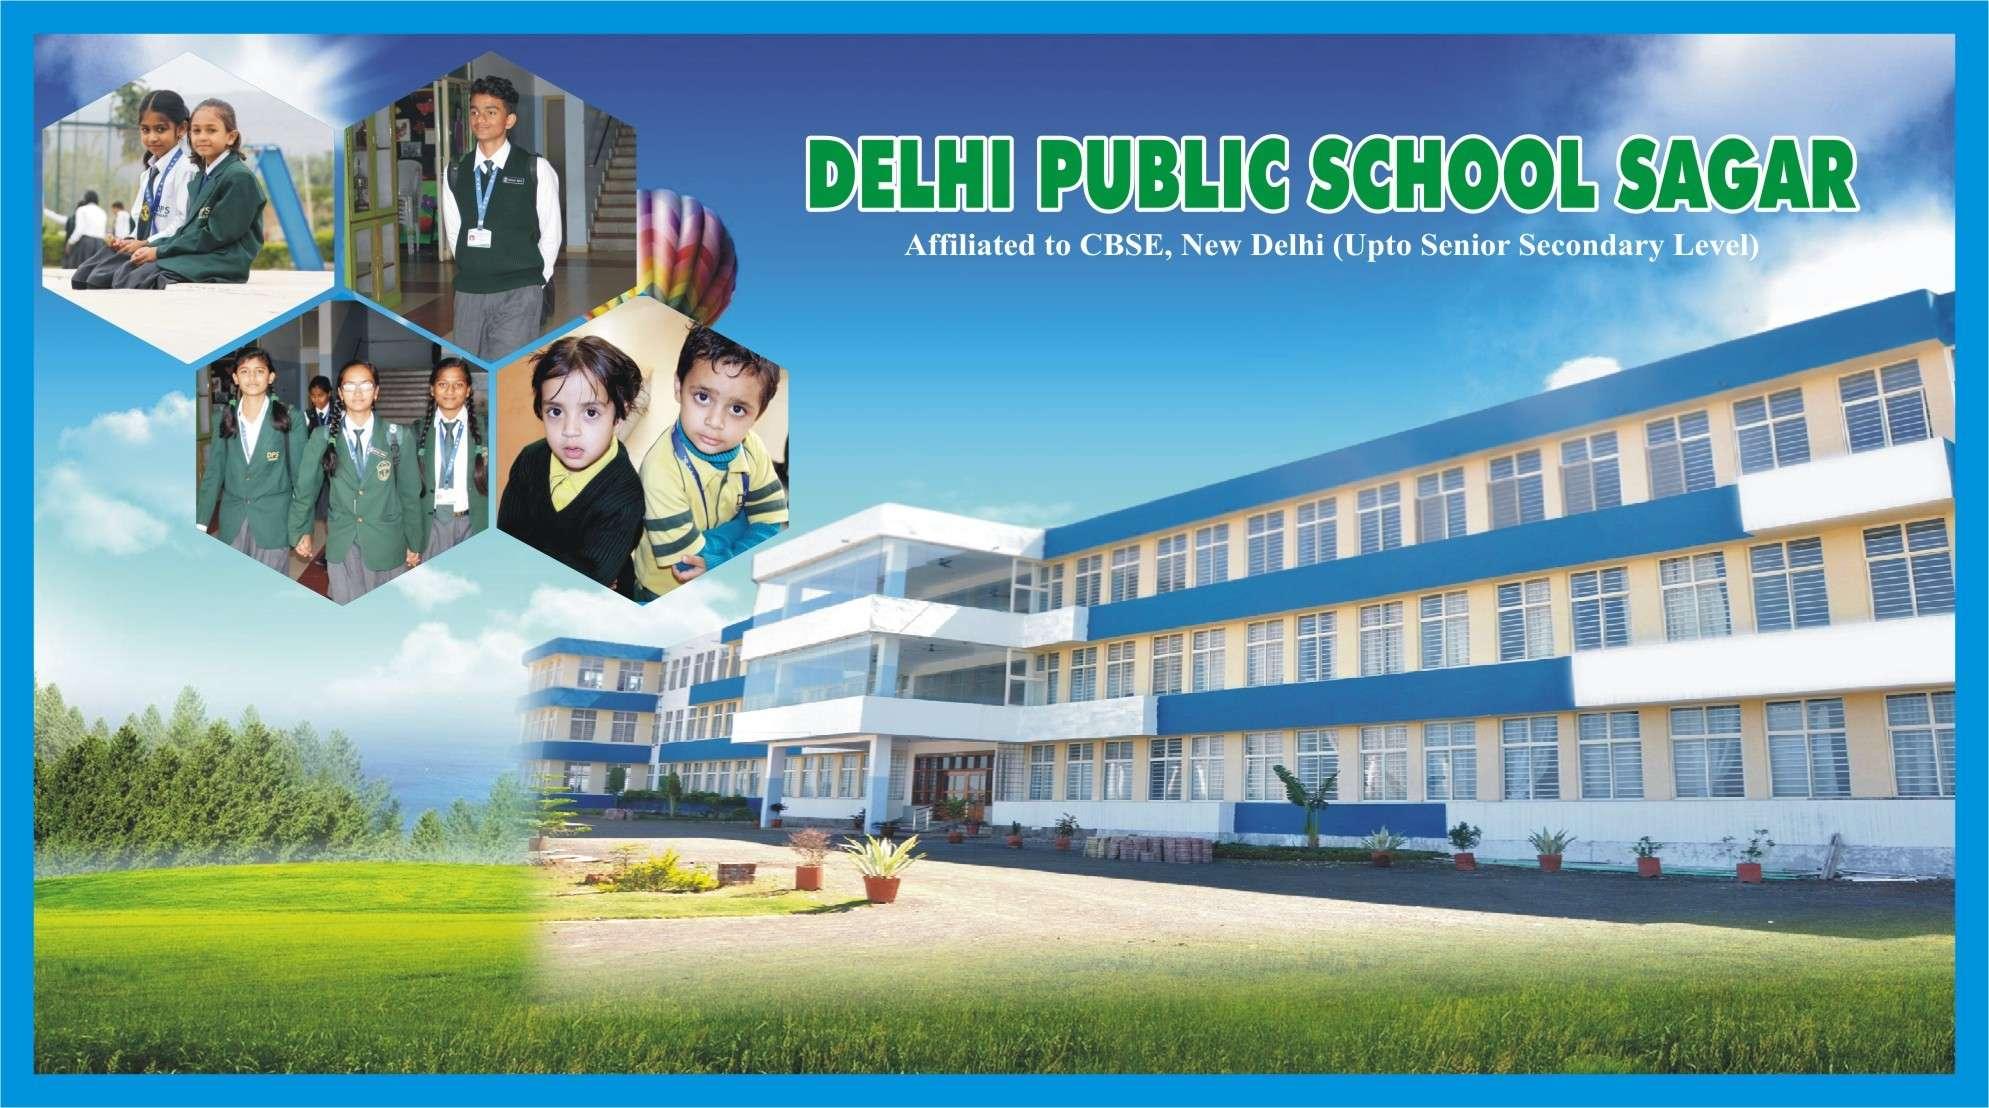 Delhi Public School Sagar Delhi Public School Sagar Bina Road Village Pathariya Hat Ahead of Haryali Bazar 1030635